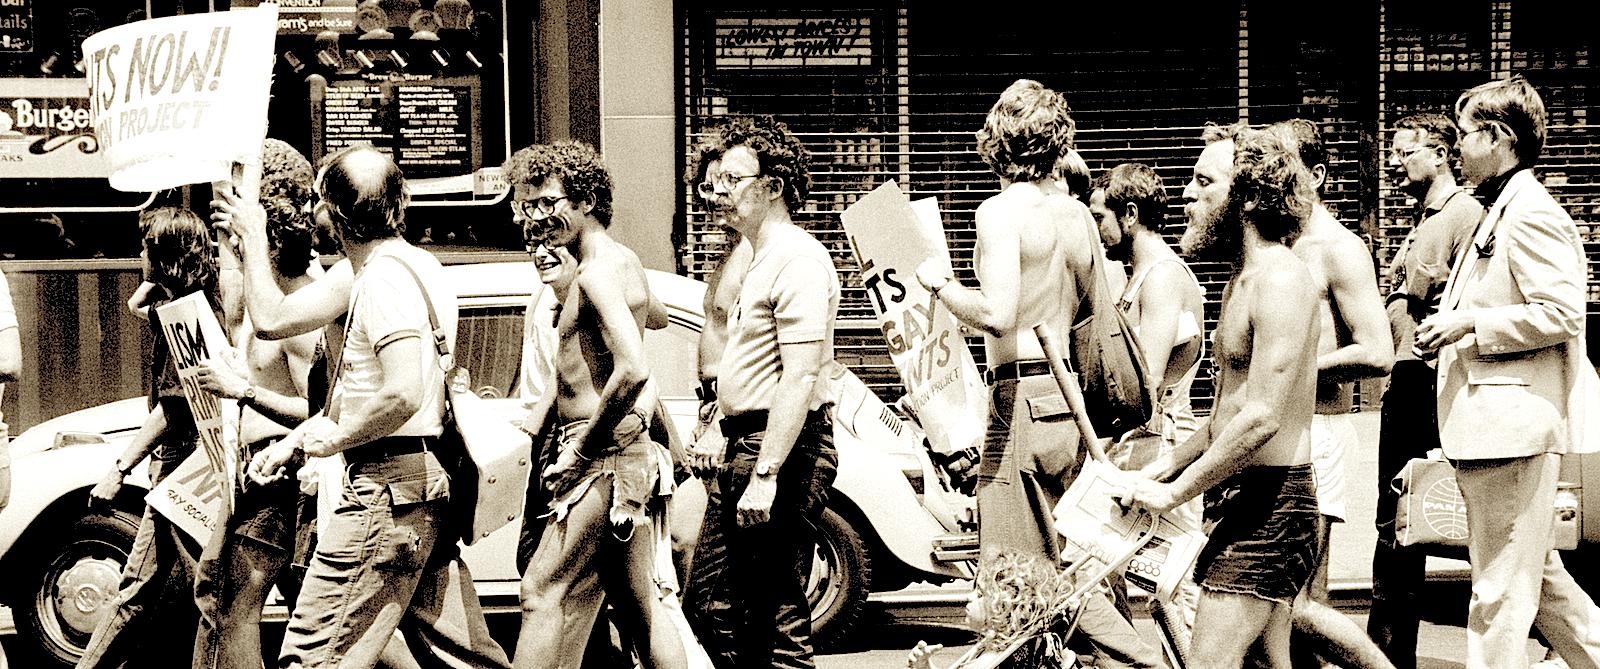 Америка 1976 год, за права гомосексуалов